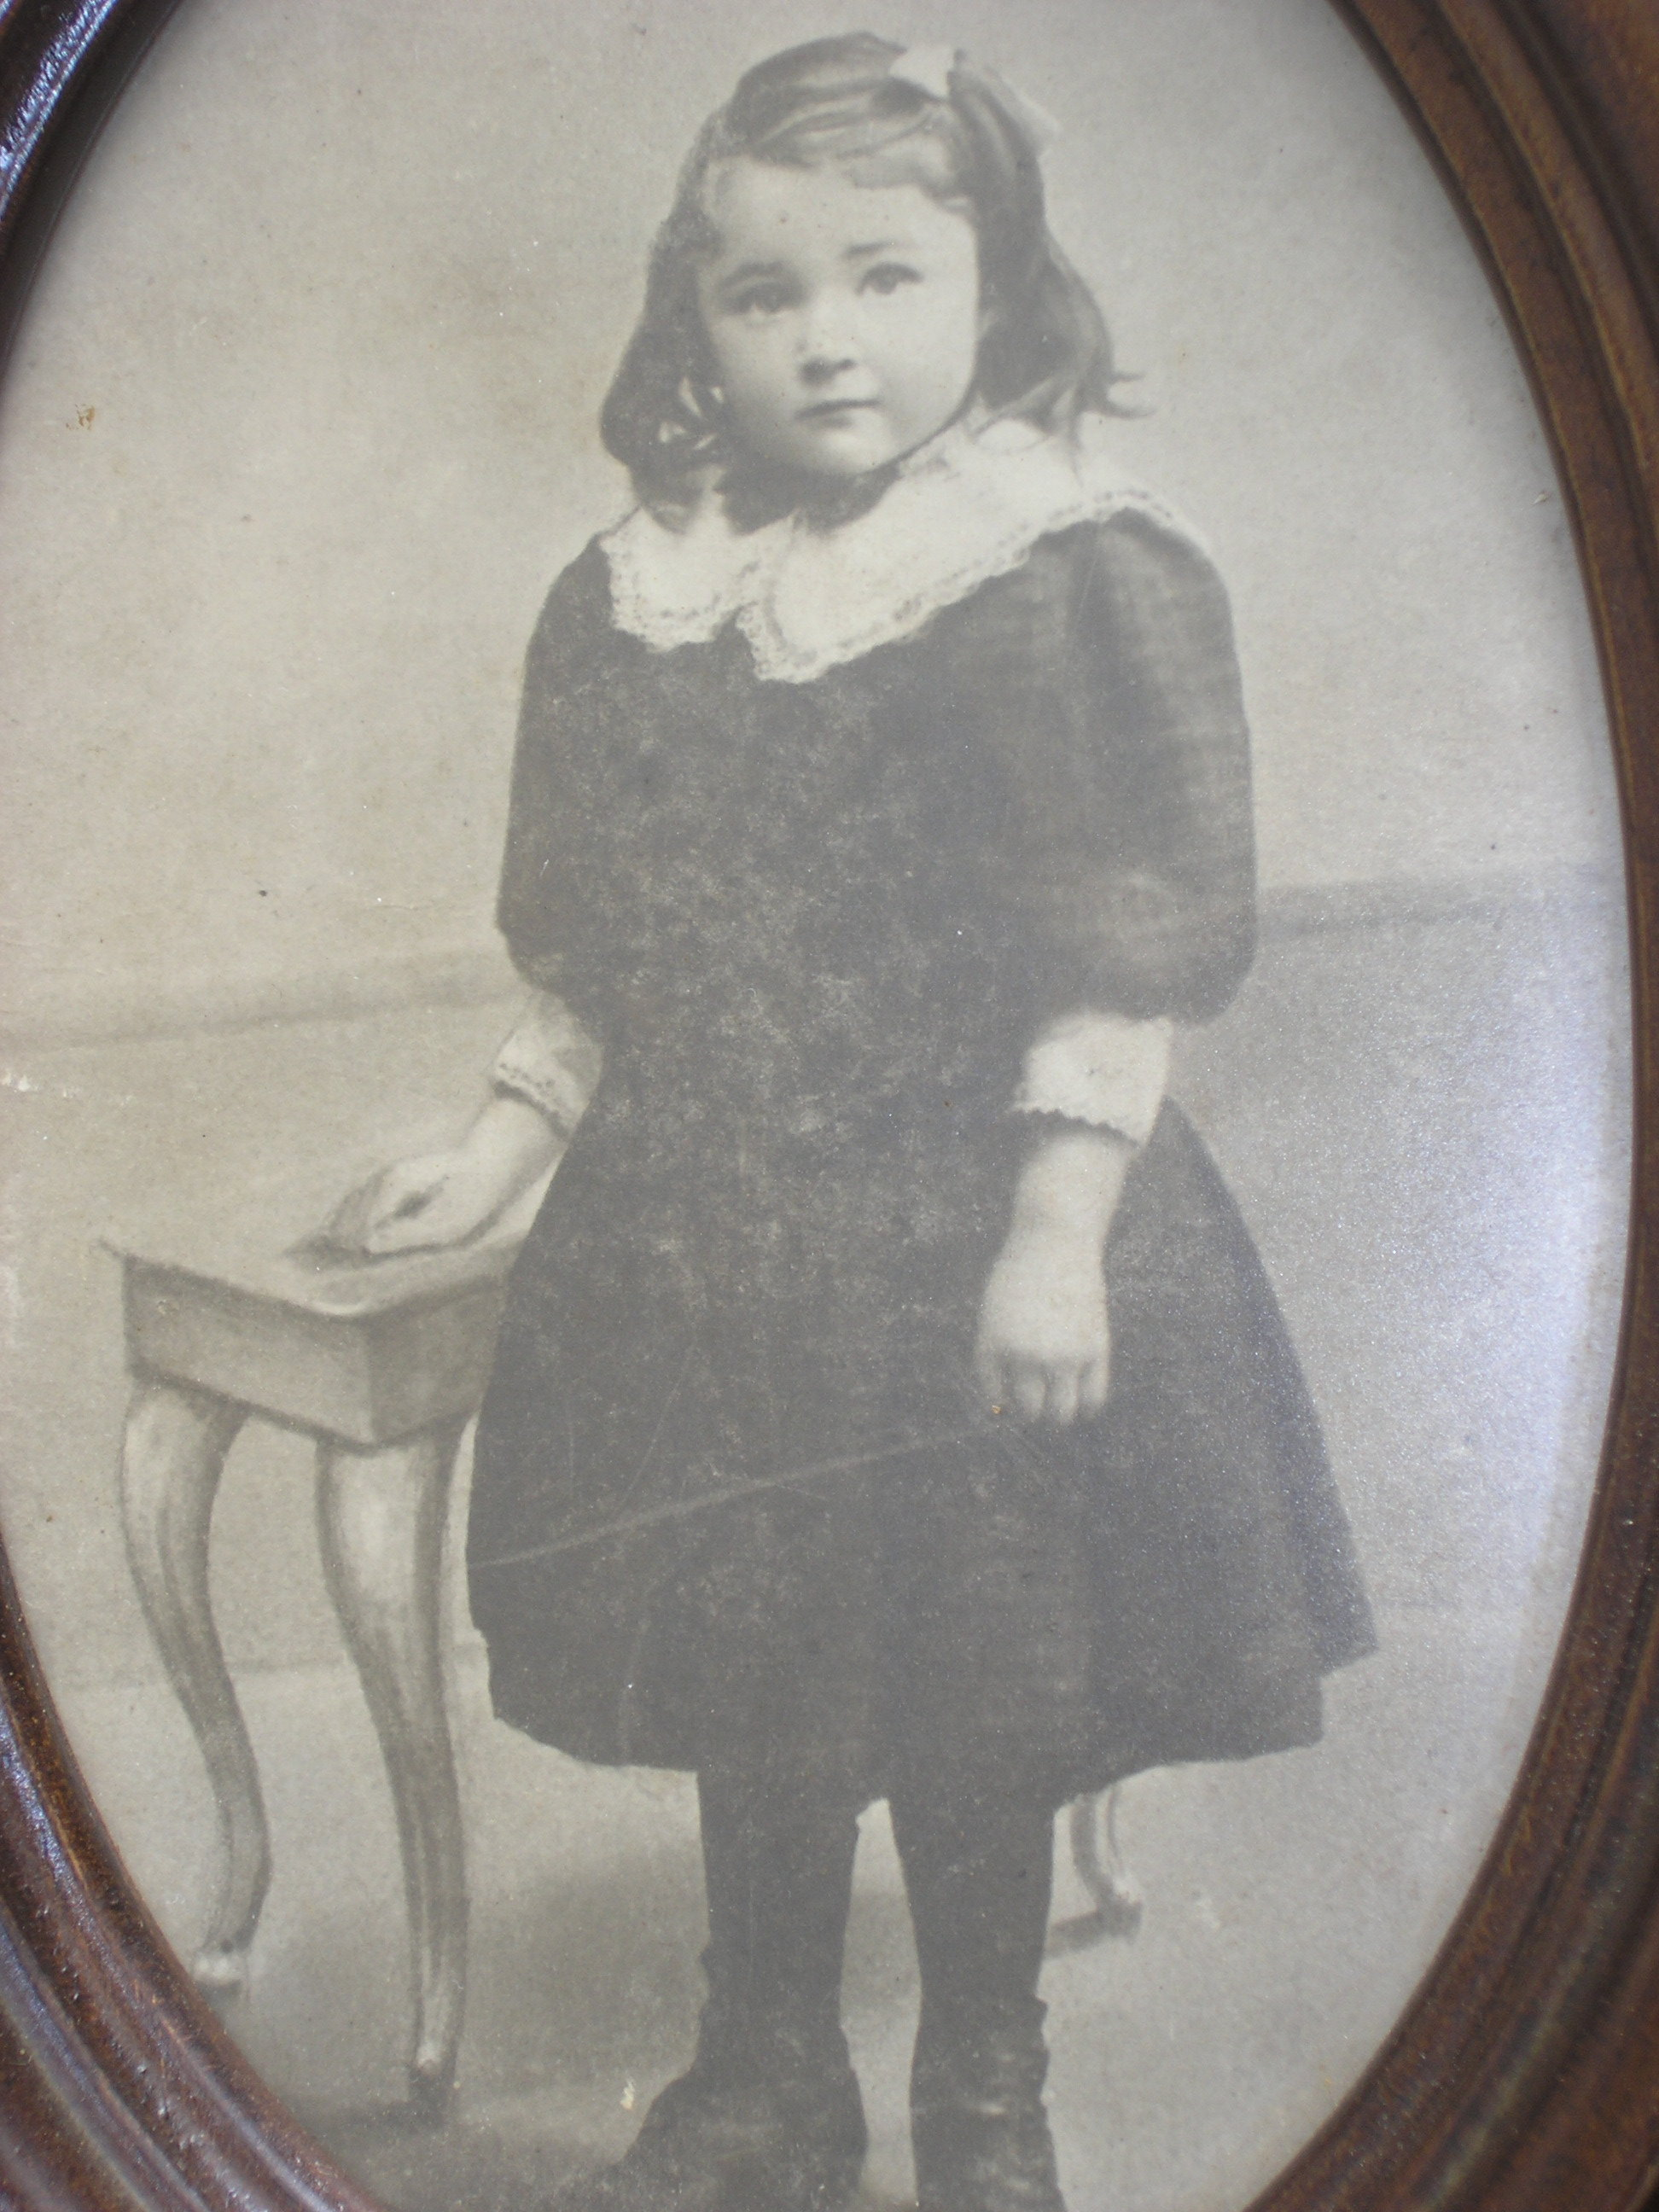 Gerardina van der Velde (1906-1912)